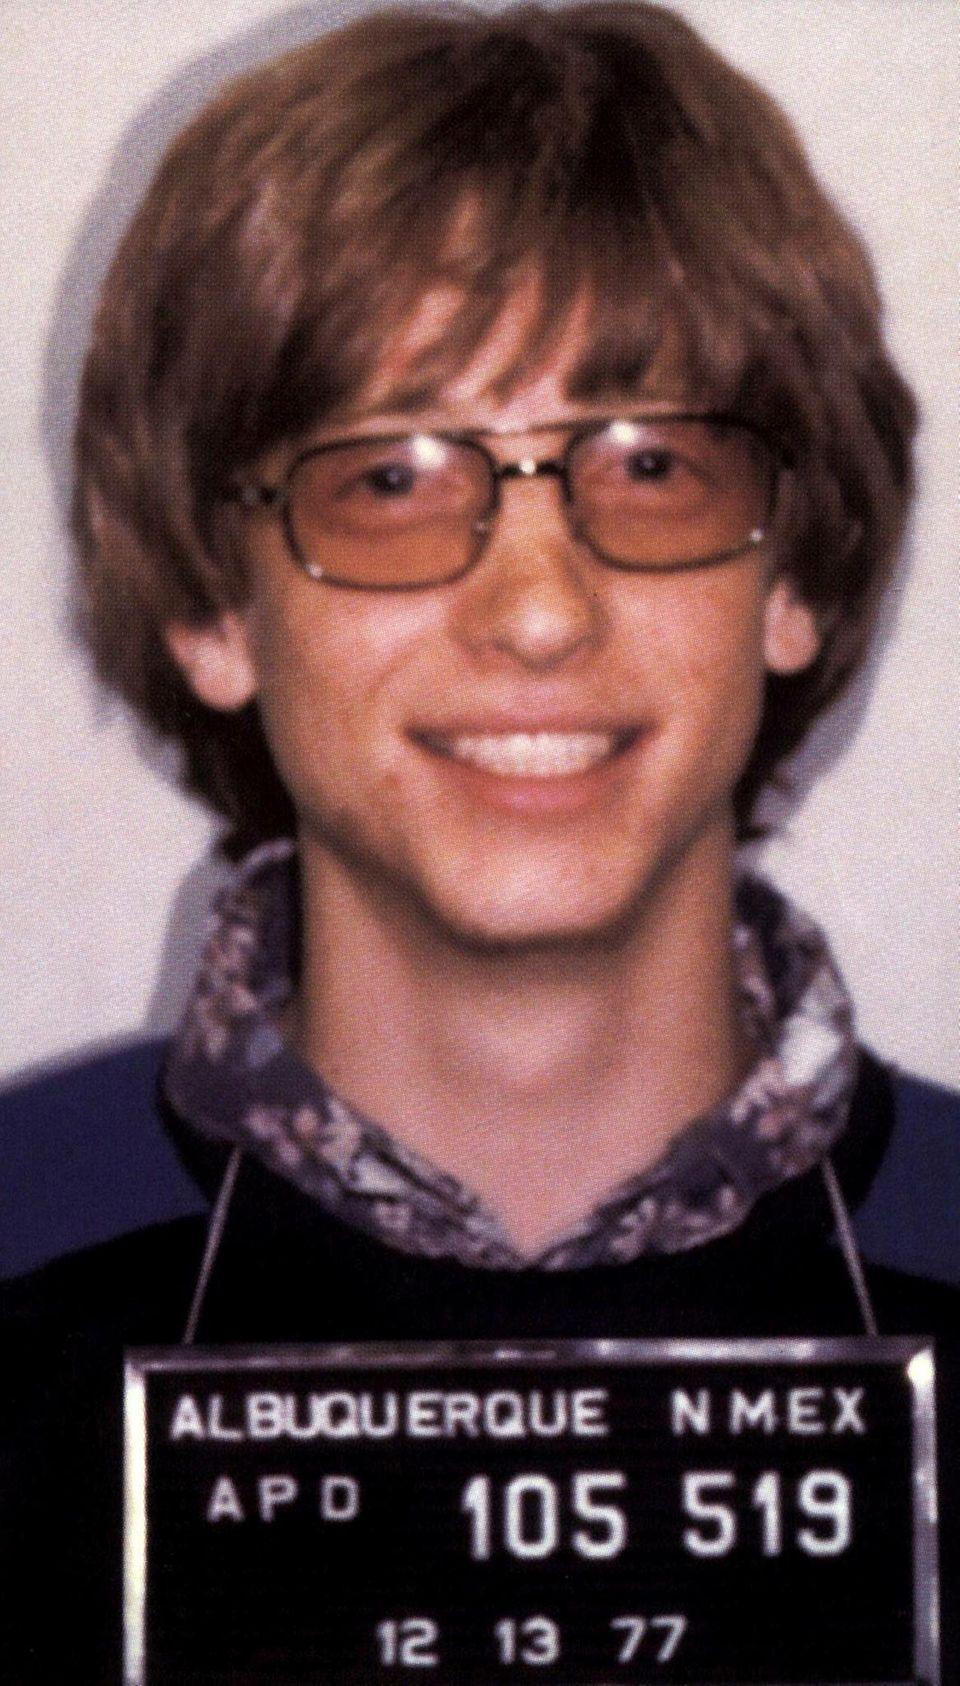 """Bill Gates  Kaum zu glauben, auch der heute reichste Mensch der Welt: """"Microsoft""""-Gründer Bill Gates hat ein Mugshot von sich machen lassen müssen. Im Jahr 1977, in Albuquerque, New Mexico wird der damals 22-Jährige wegen zu schnellen Fahrens festgenommen. Zu dumm, dass er auch noch seinen Führerschein vergessen hat."""